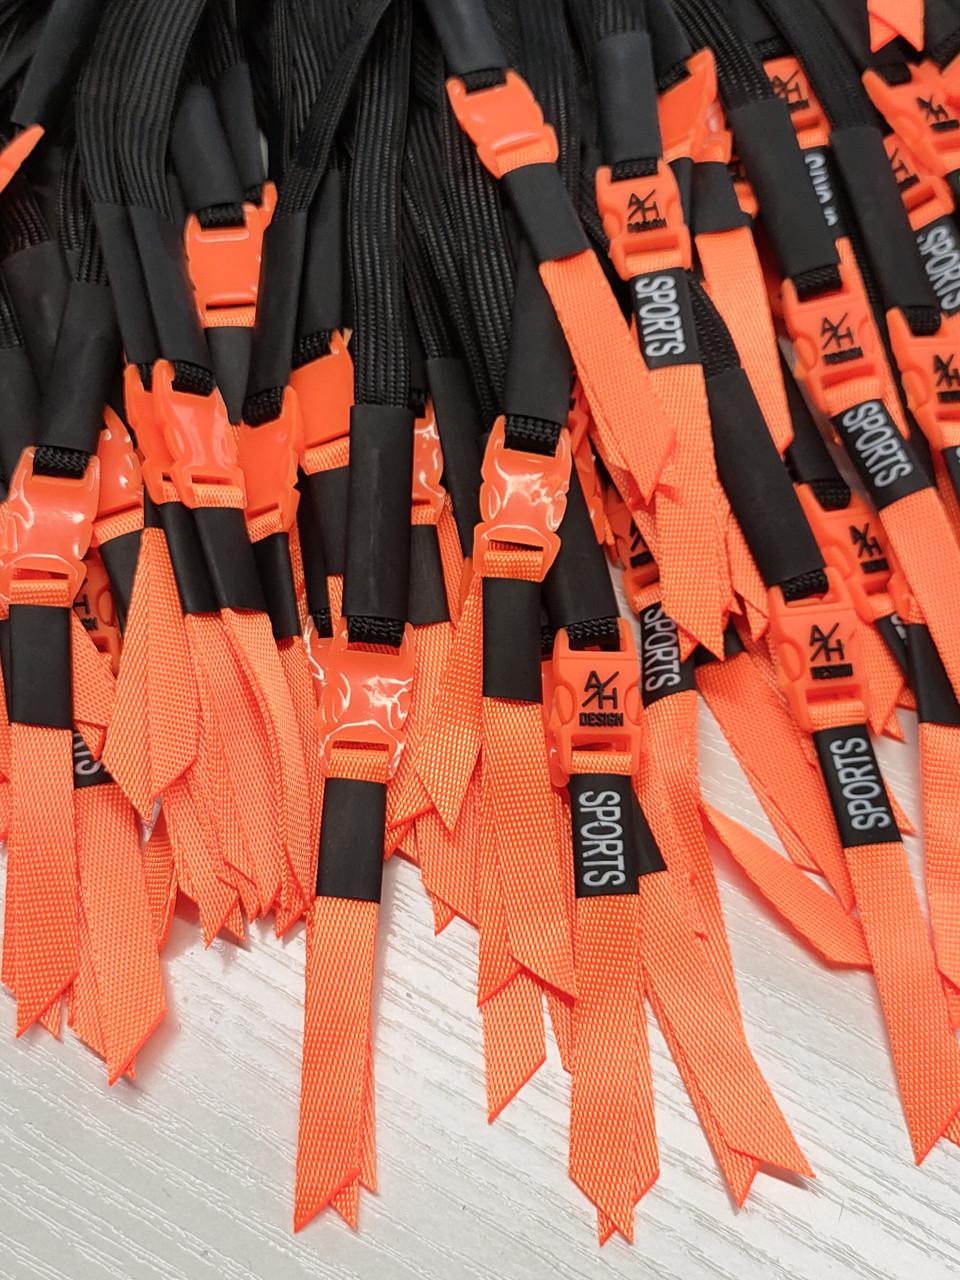 Шнур (текстильний) №20 плоский чорний з оранжевим наконечником 125см.